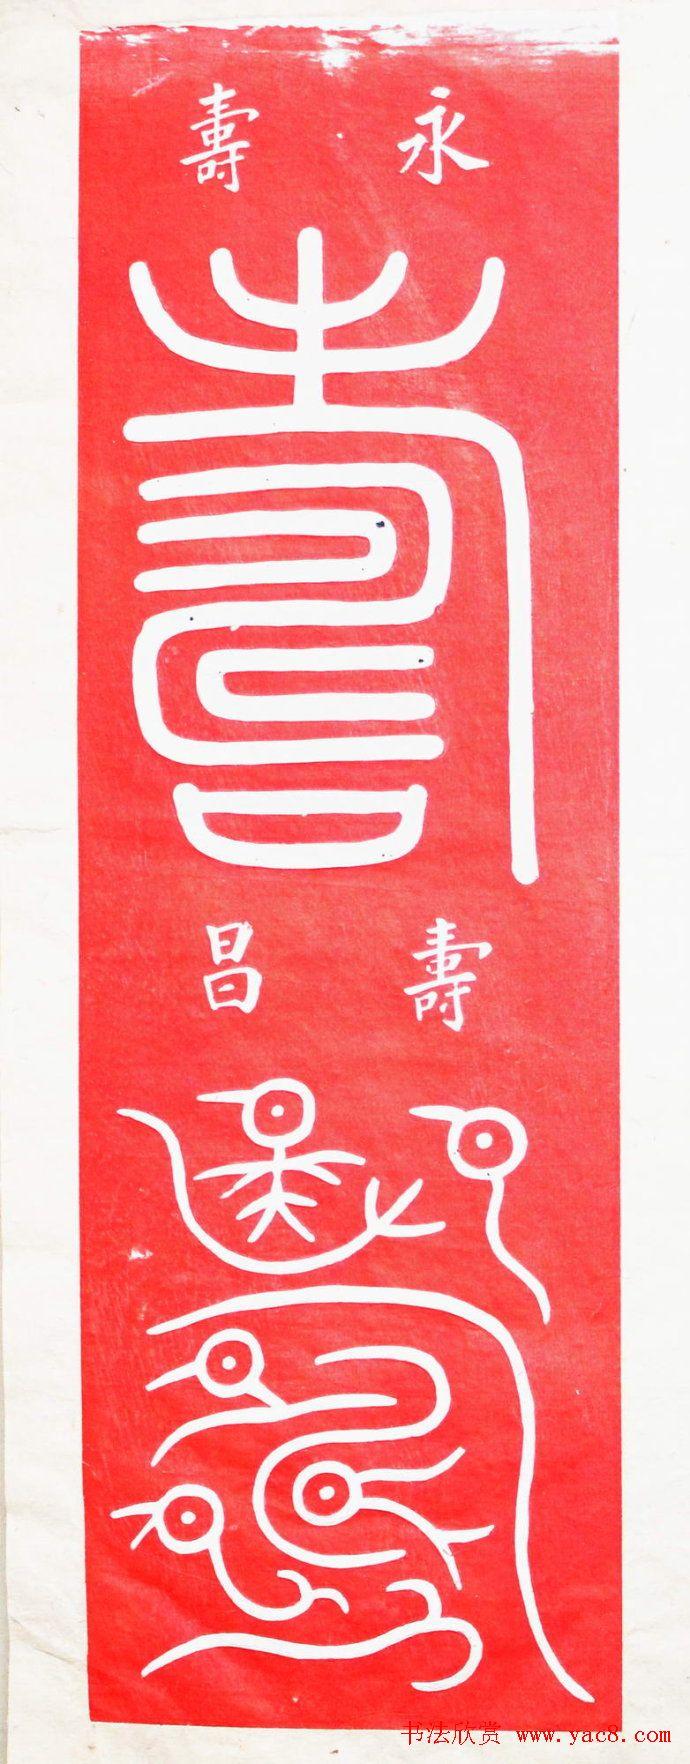 书写大全王福厂篆书120种书法专题书法欣赏